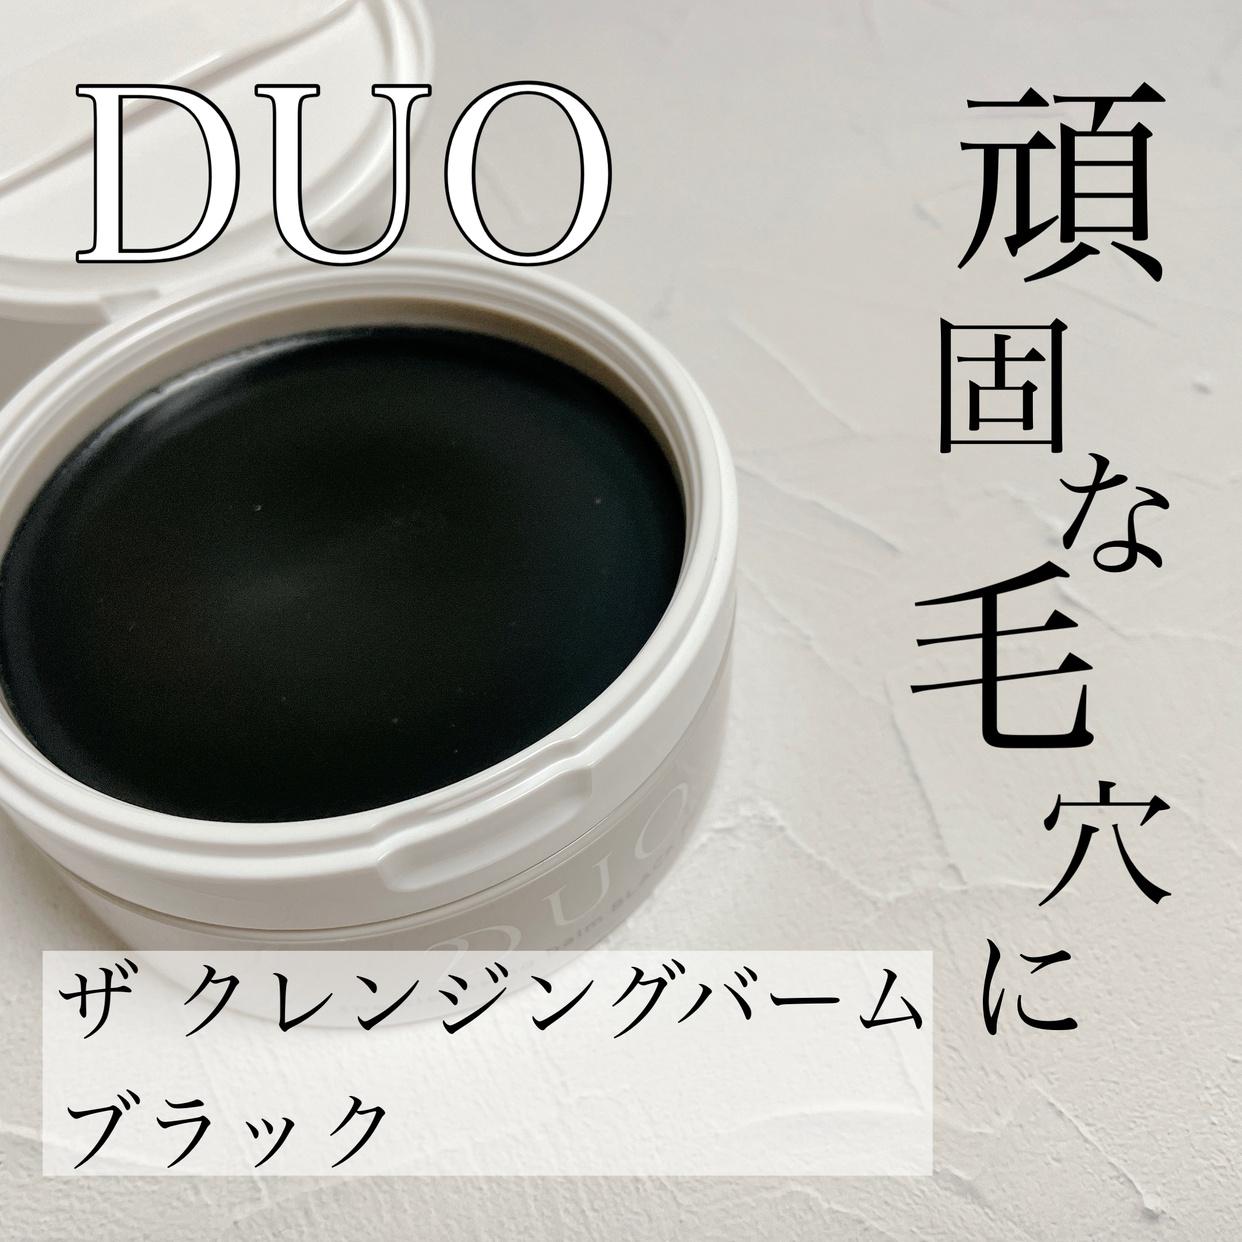 DUO(デュオ) ザ クレンジングバーム ブラックリペアを使ったmuu❤︎さんのクチコミ画像1